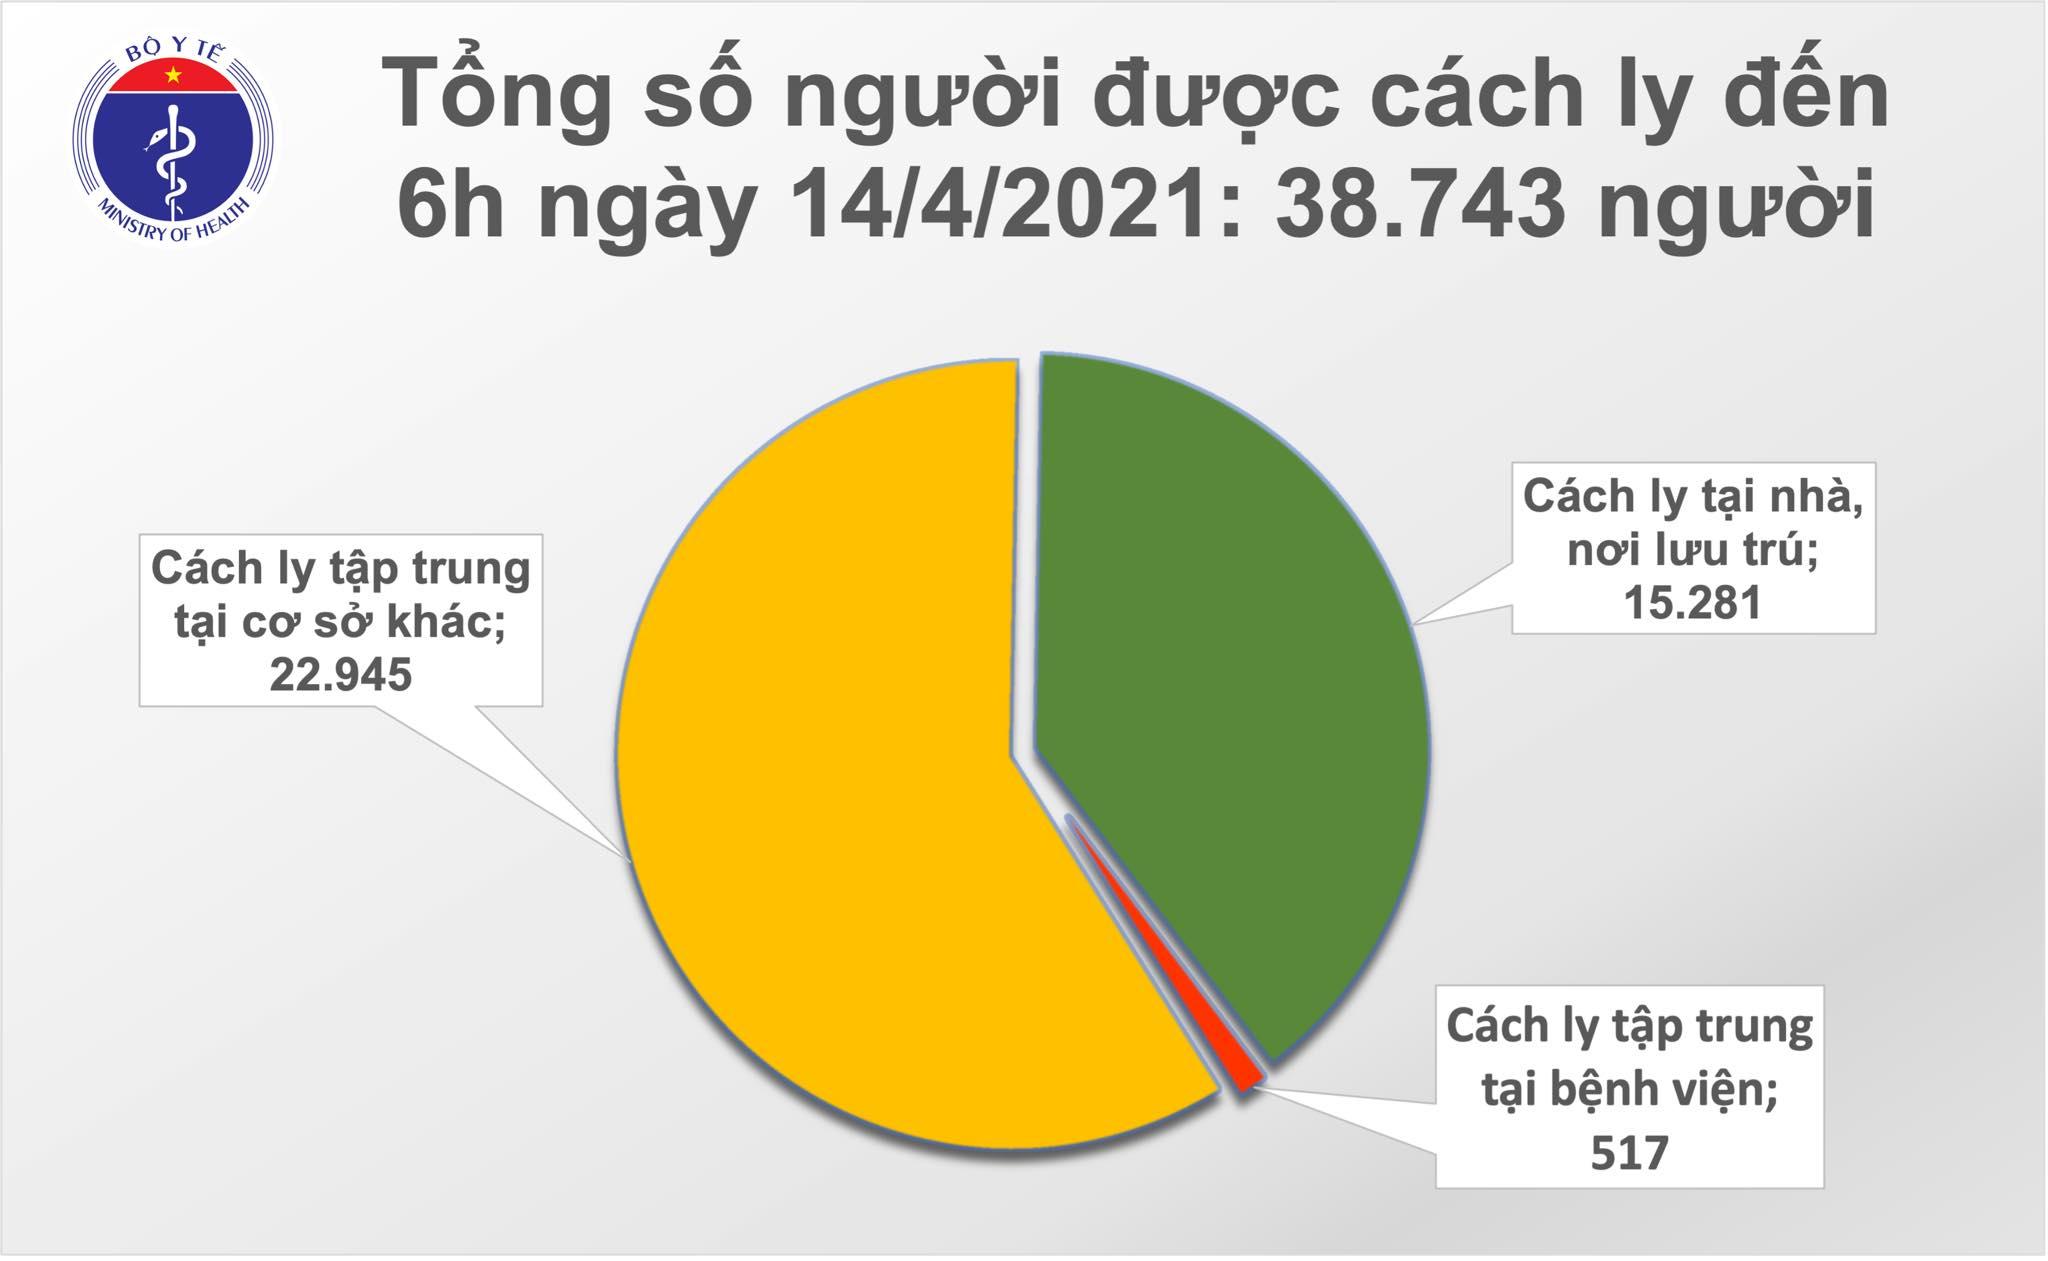 Sáng 14/4: Thêm 3 ca mắc COVID-19 tại Khánh Hòa, hơn 60.000 người Việt Nam đã tiêm vắc xin - Ảnh 2.